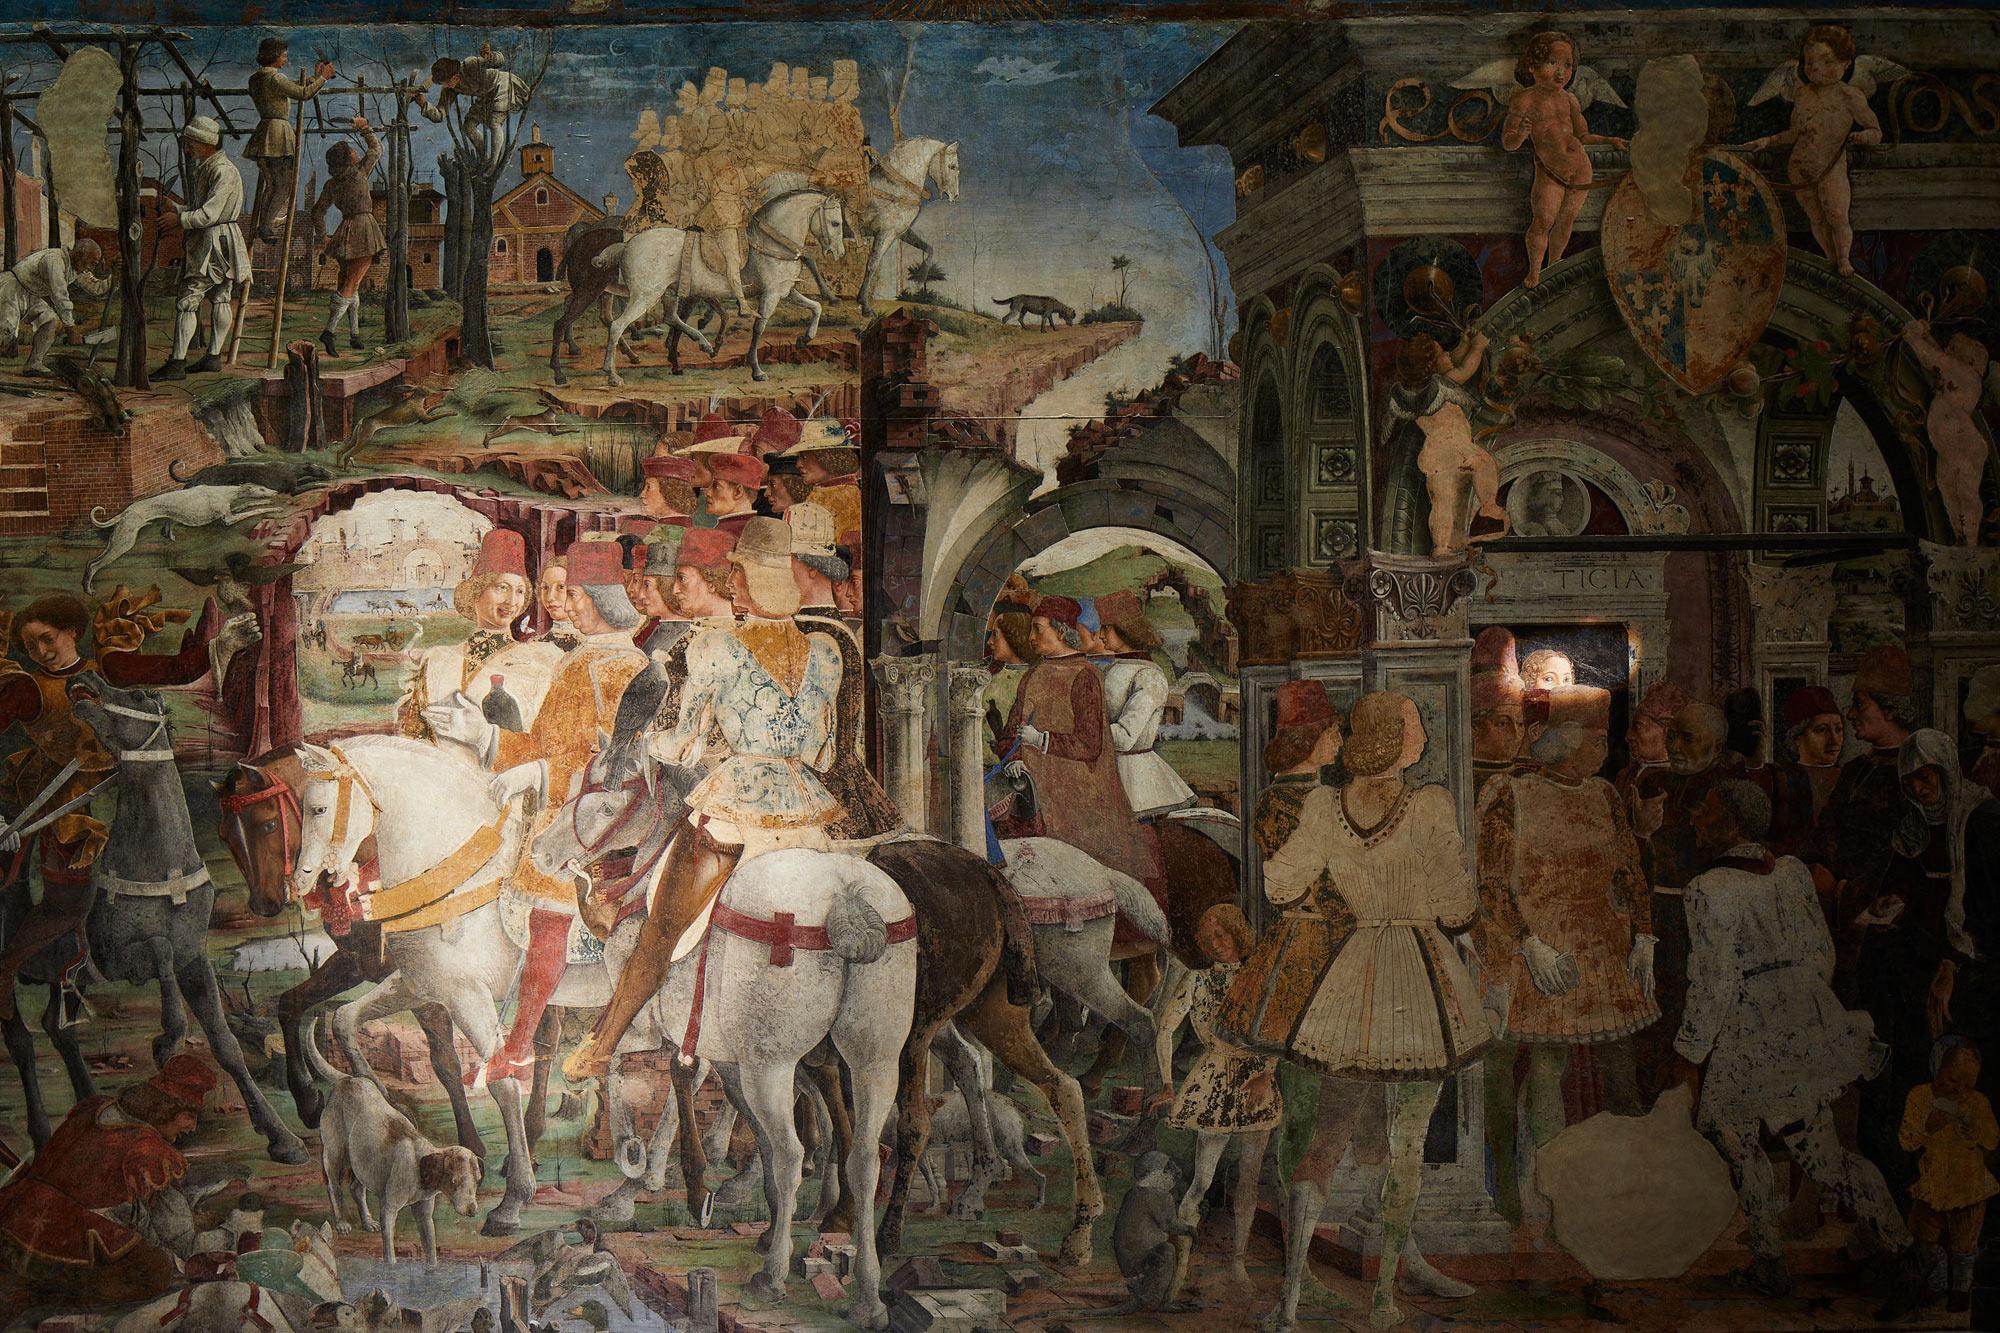 Palazzo Schifanoia, Salone dei Mesi, Marzo, dettaglio scene di vita alla corte di Borso d'Este (Francesco del Cossa, 1469-70) durante la sequenza luminosa. Ph. Credit Henrik Blomqvist